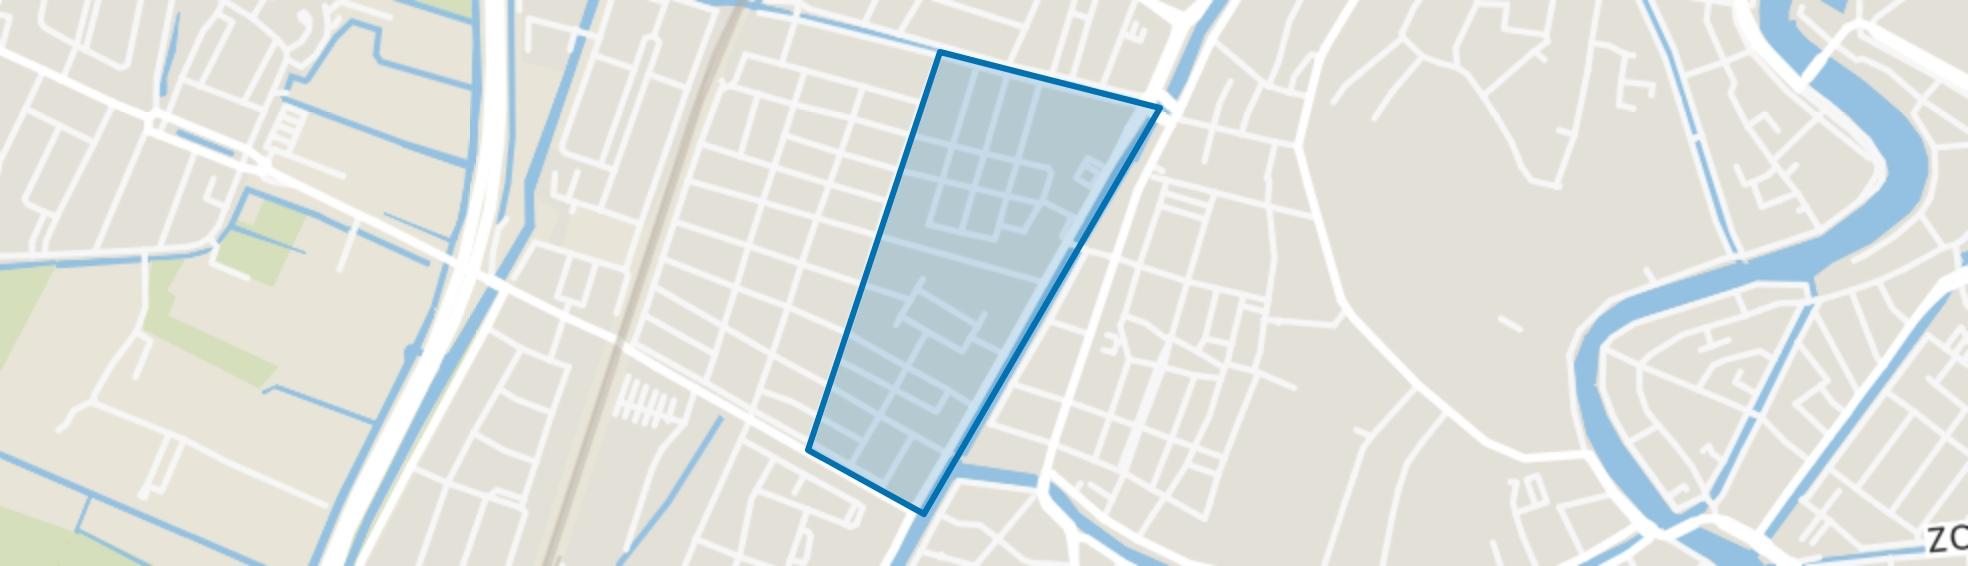 Leidsebuurt-oost, Haarlem map